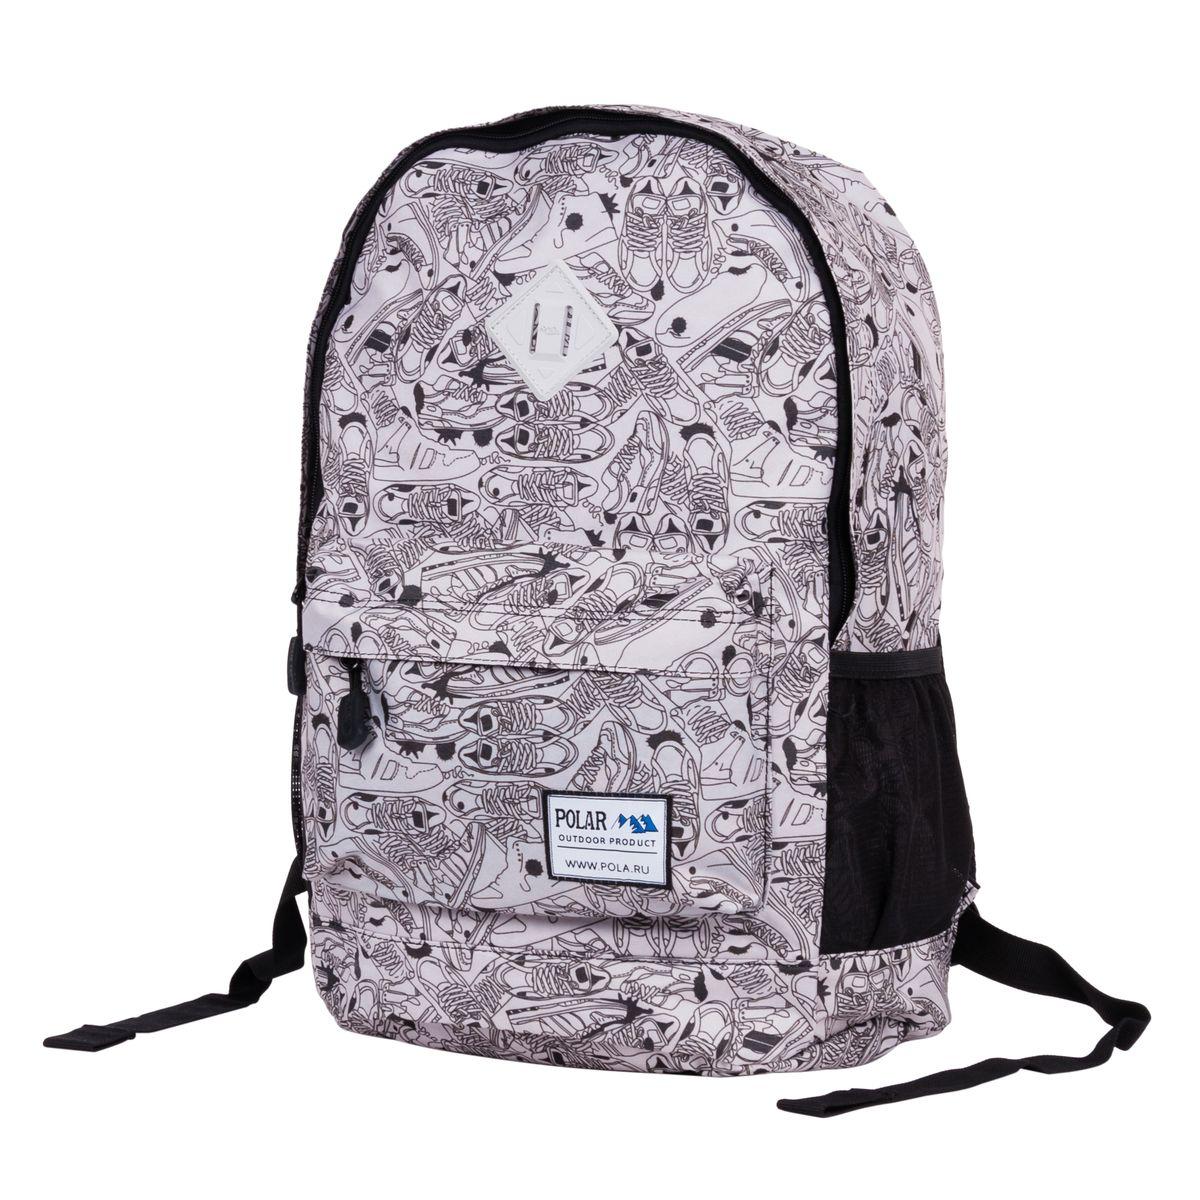 Рюкзак городской Polar, цвет: серый, 22,5 л. 15008